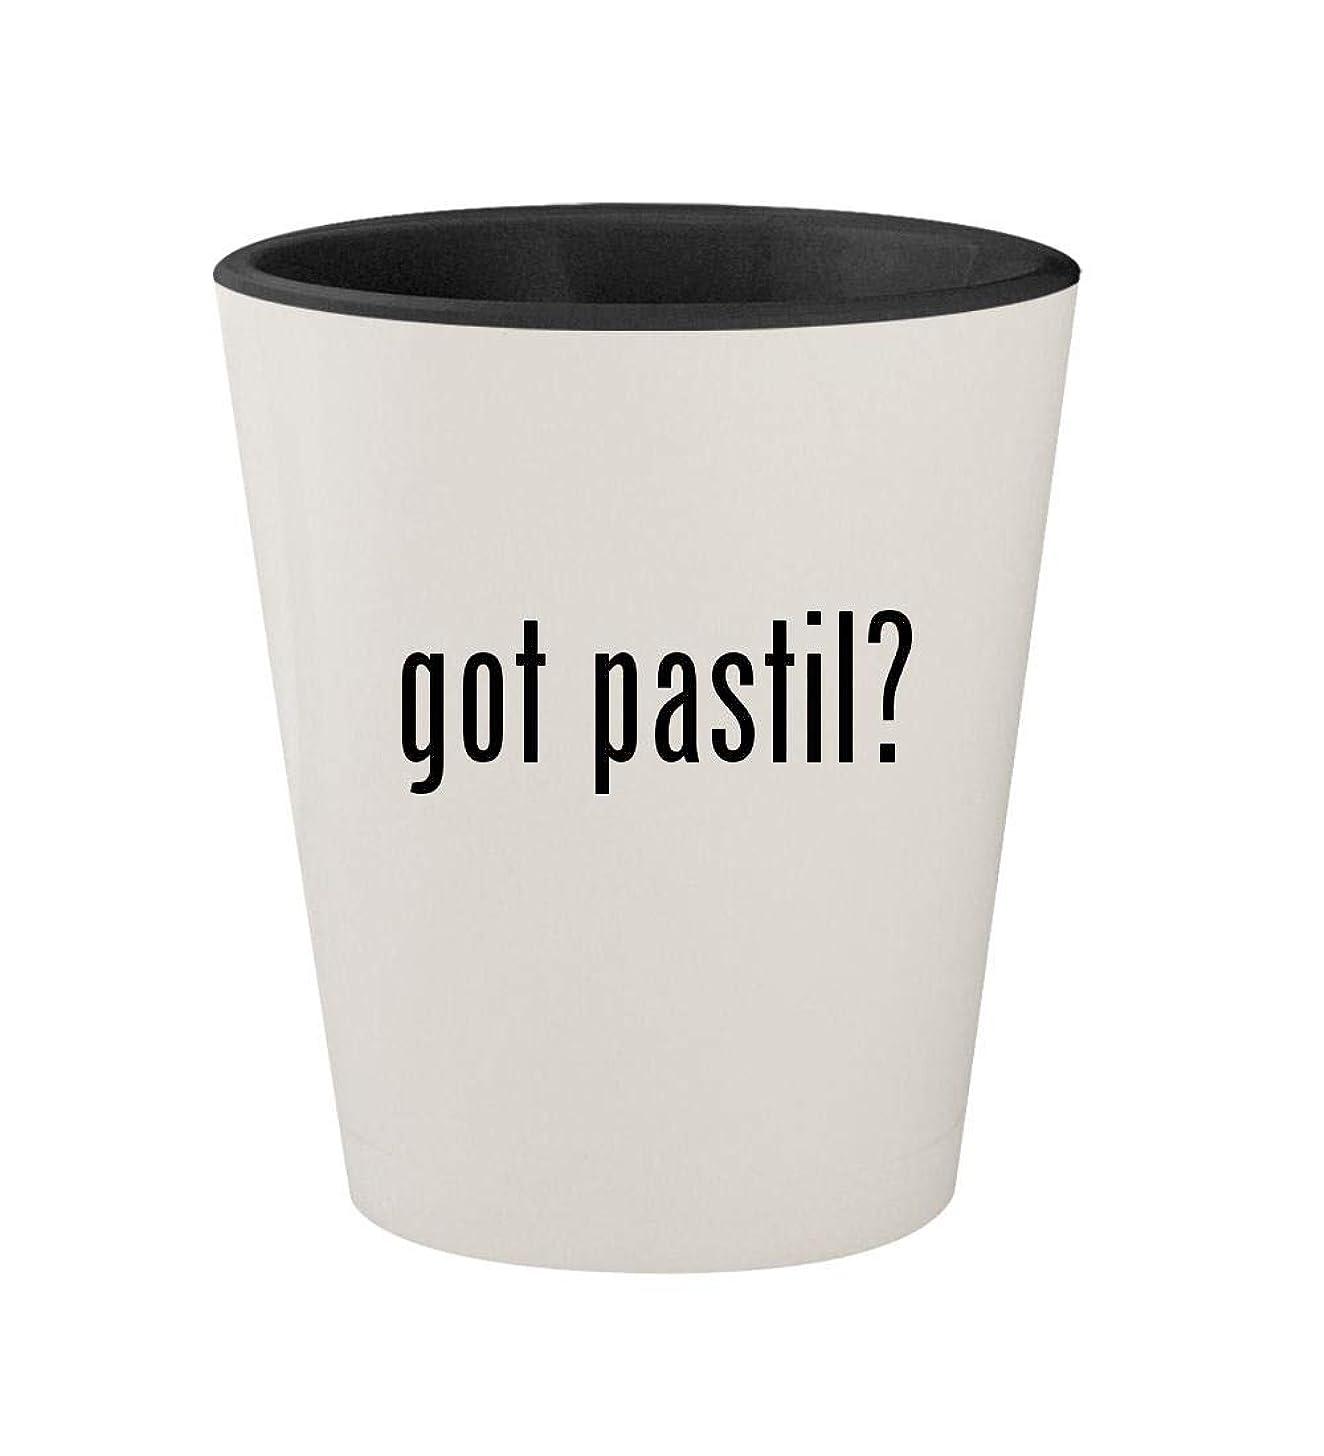 got pastil? - Ceramic White Outer & Black Inner 1.5oz Shot Glass